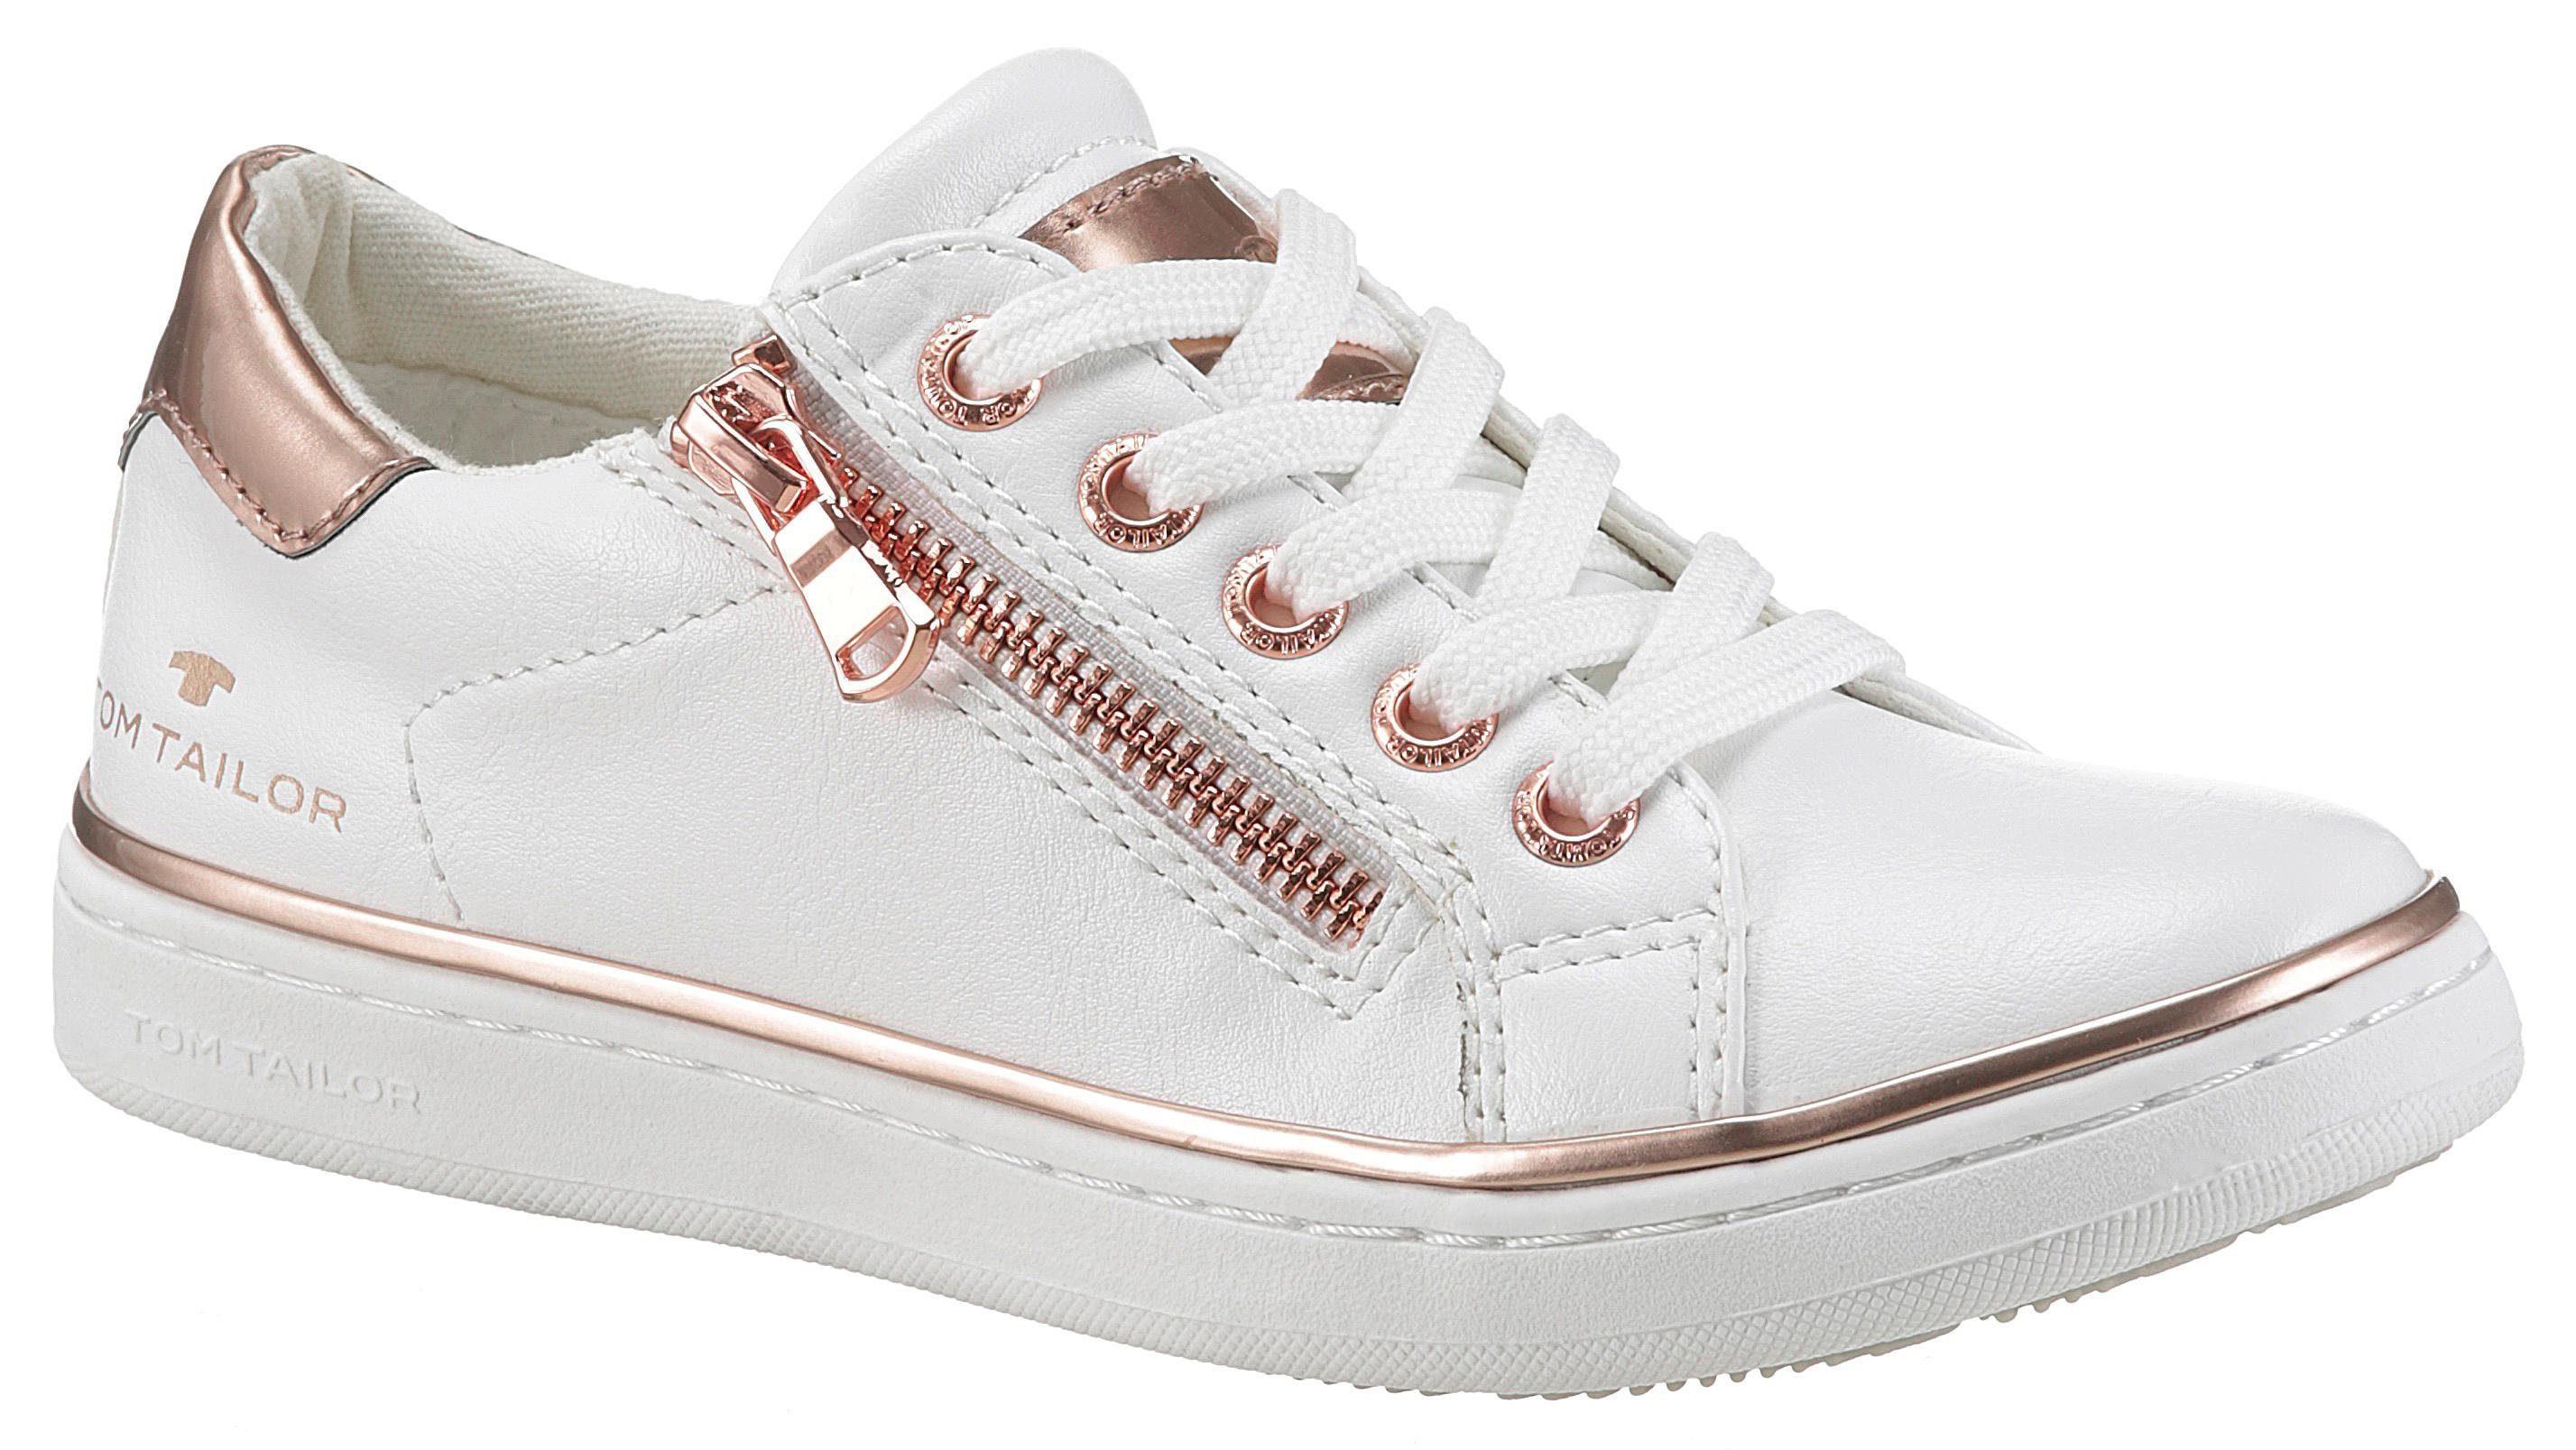 Sneaker Details KaufenOtto Tom Tailor Mit Metallischen xrBodeC